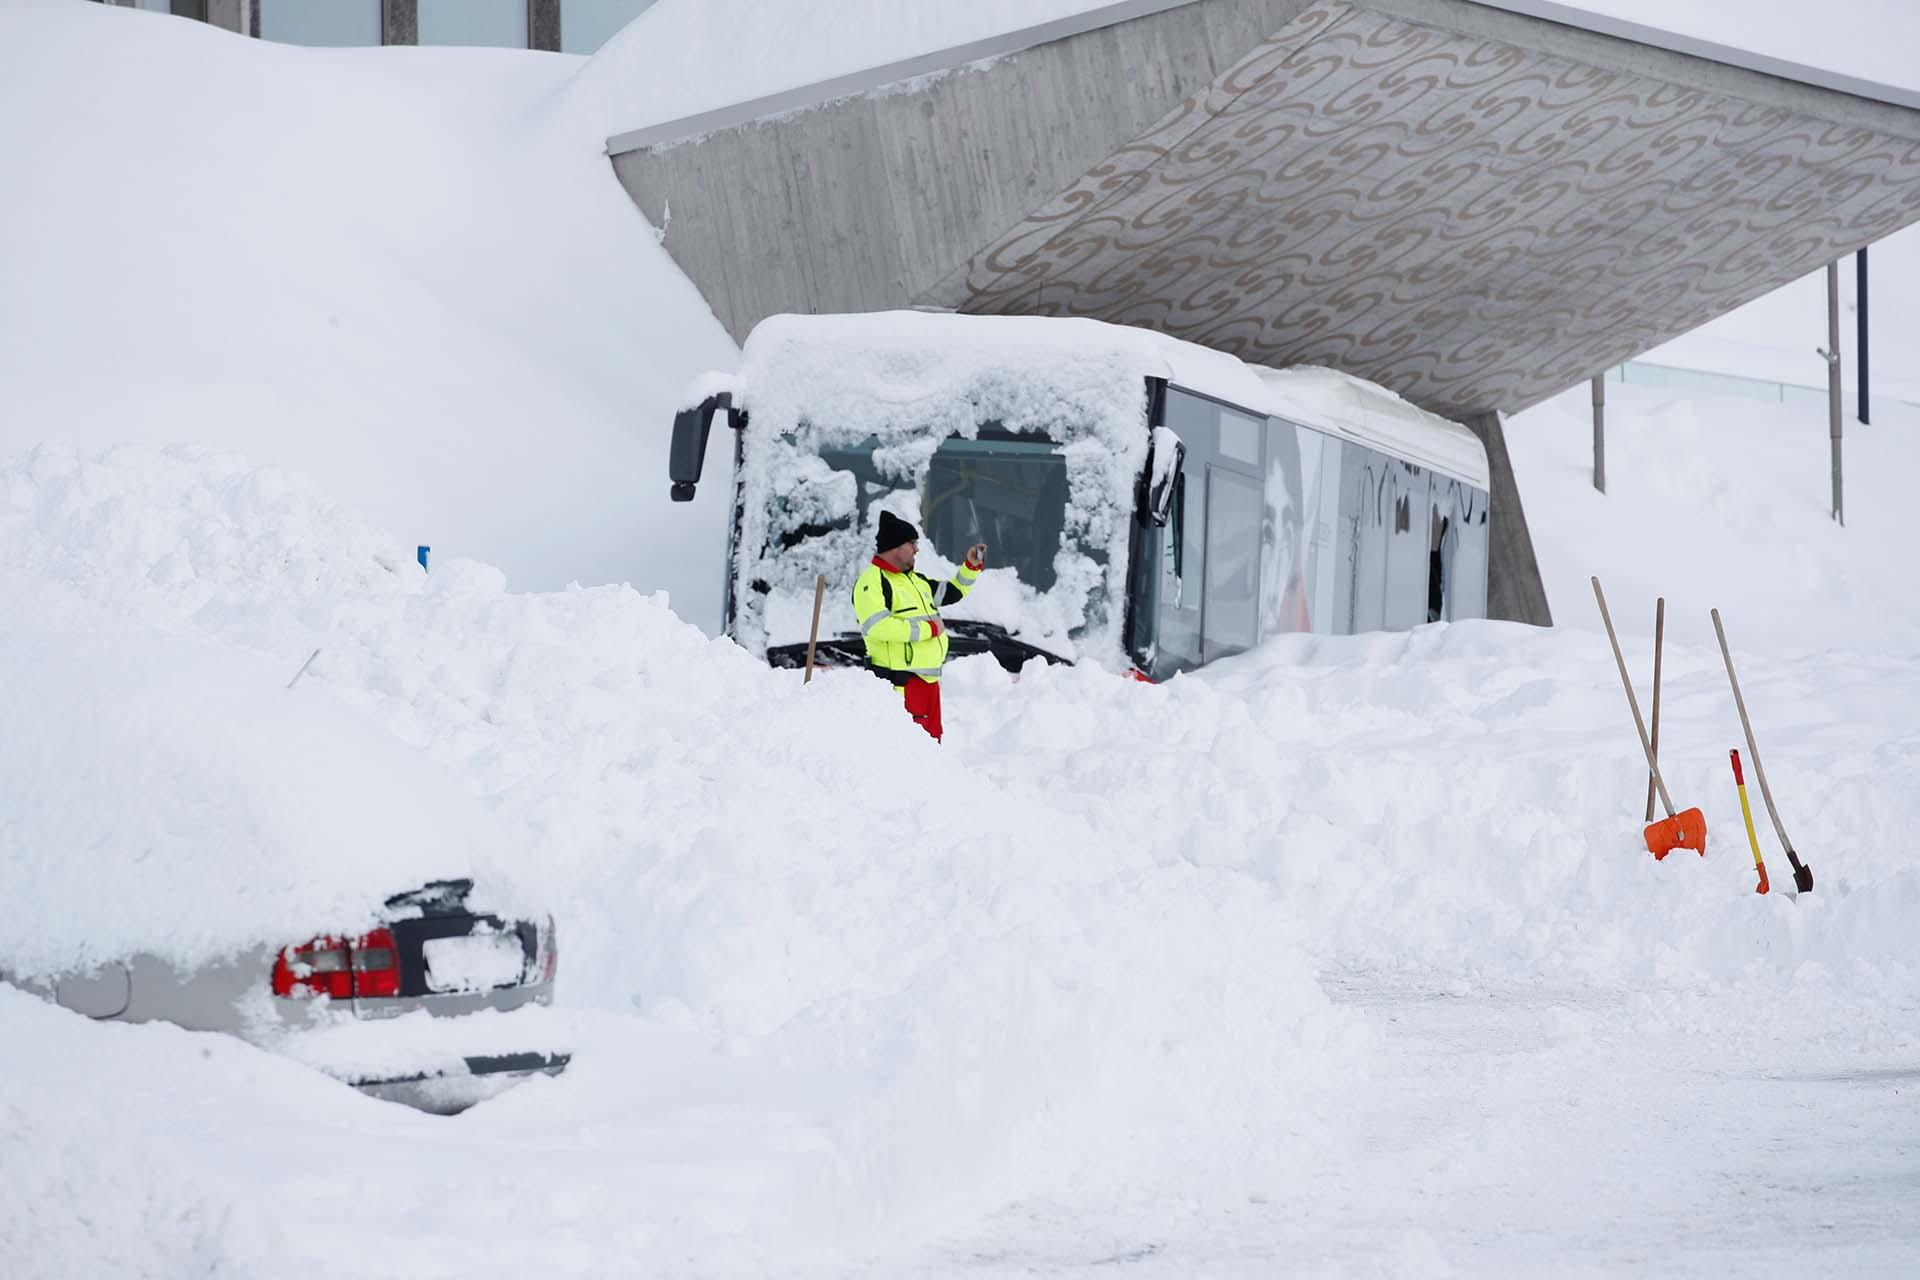 Un rescatista toma una fotografía frente a la nieve después de una avalancha en Suiza (REUTERS/Arnd Wiegmann)